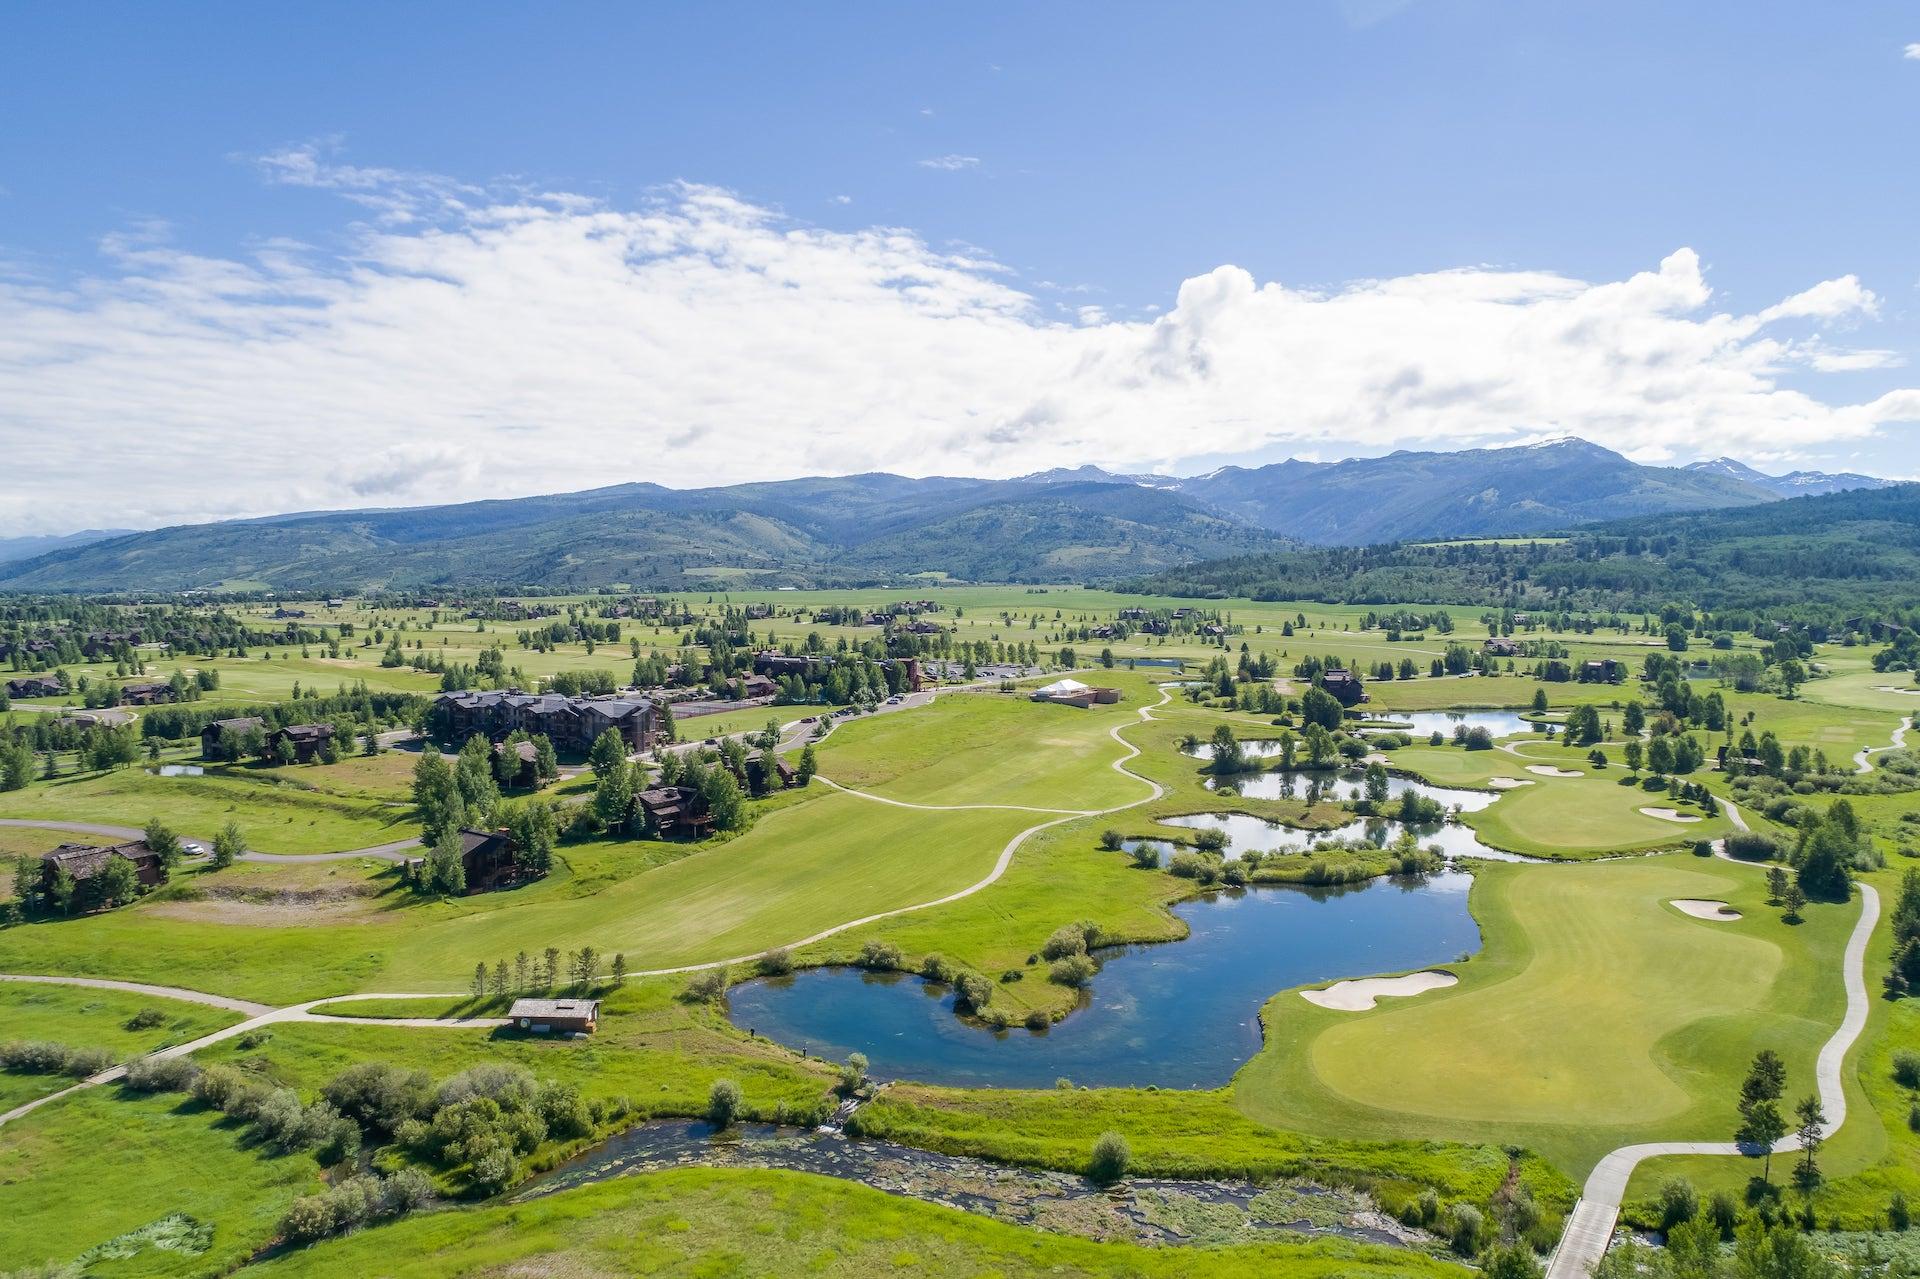 1 Teton Springs Resort